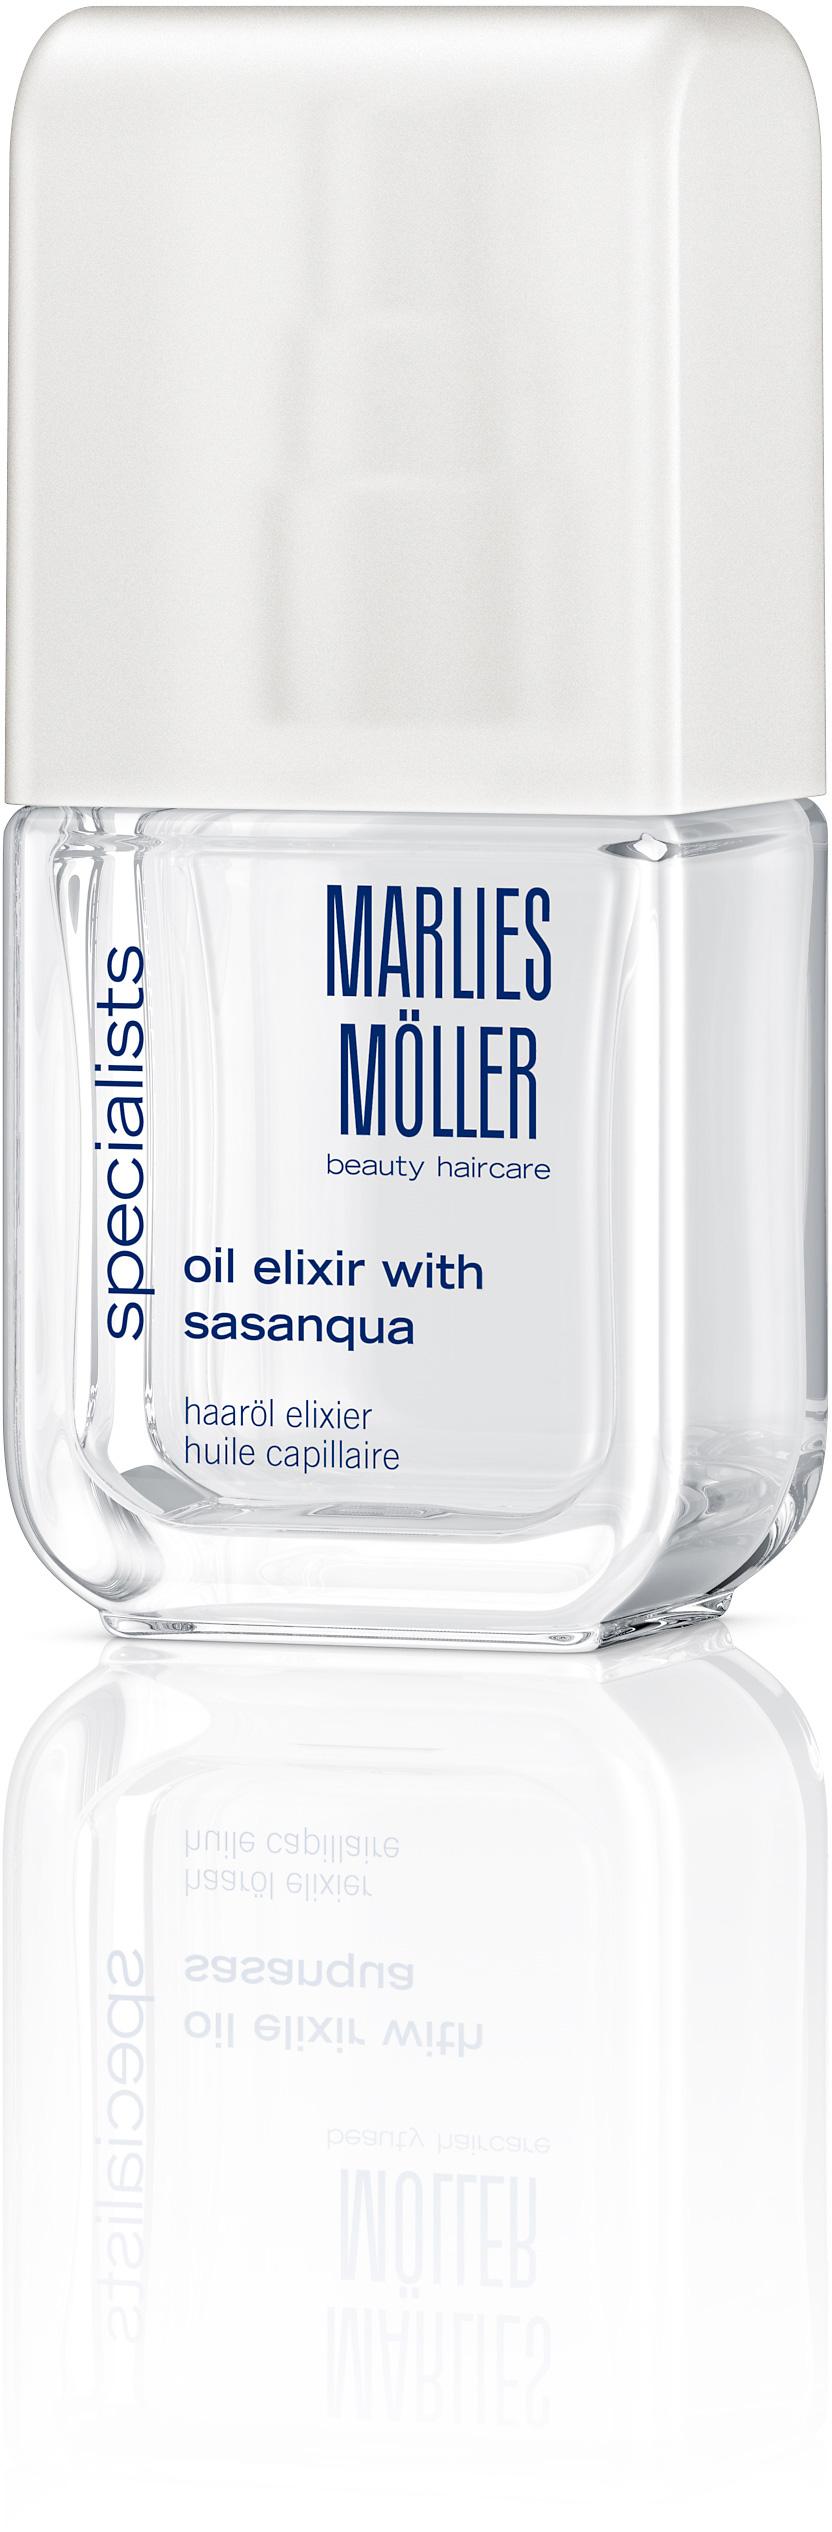 Marlies Möller Care Oil Elixier Sasanqua 50 ml